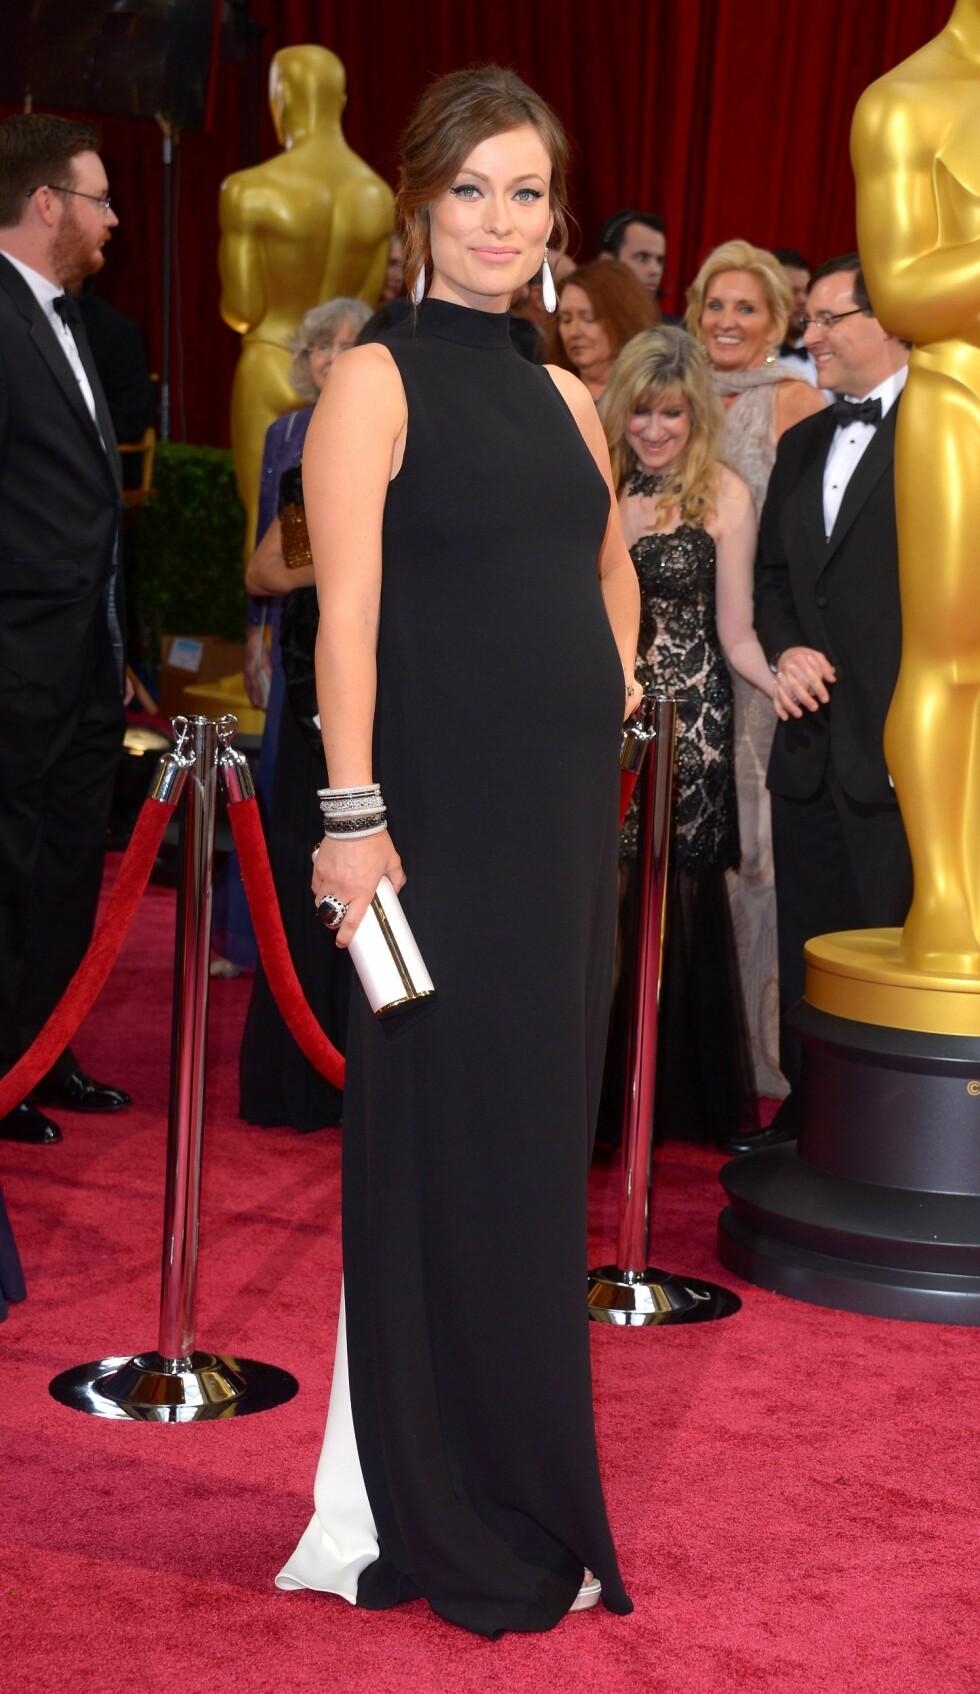 House-stjernen Olivia Wilde (29) viste frem sin voksende babymage i en svart kjole med hvite detaljer. Foto: REX/Stewart Cook/All Over Press